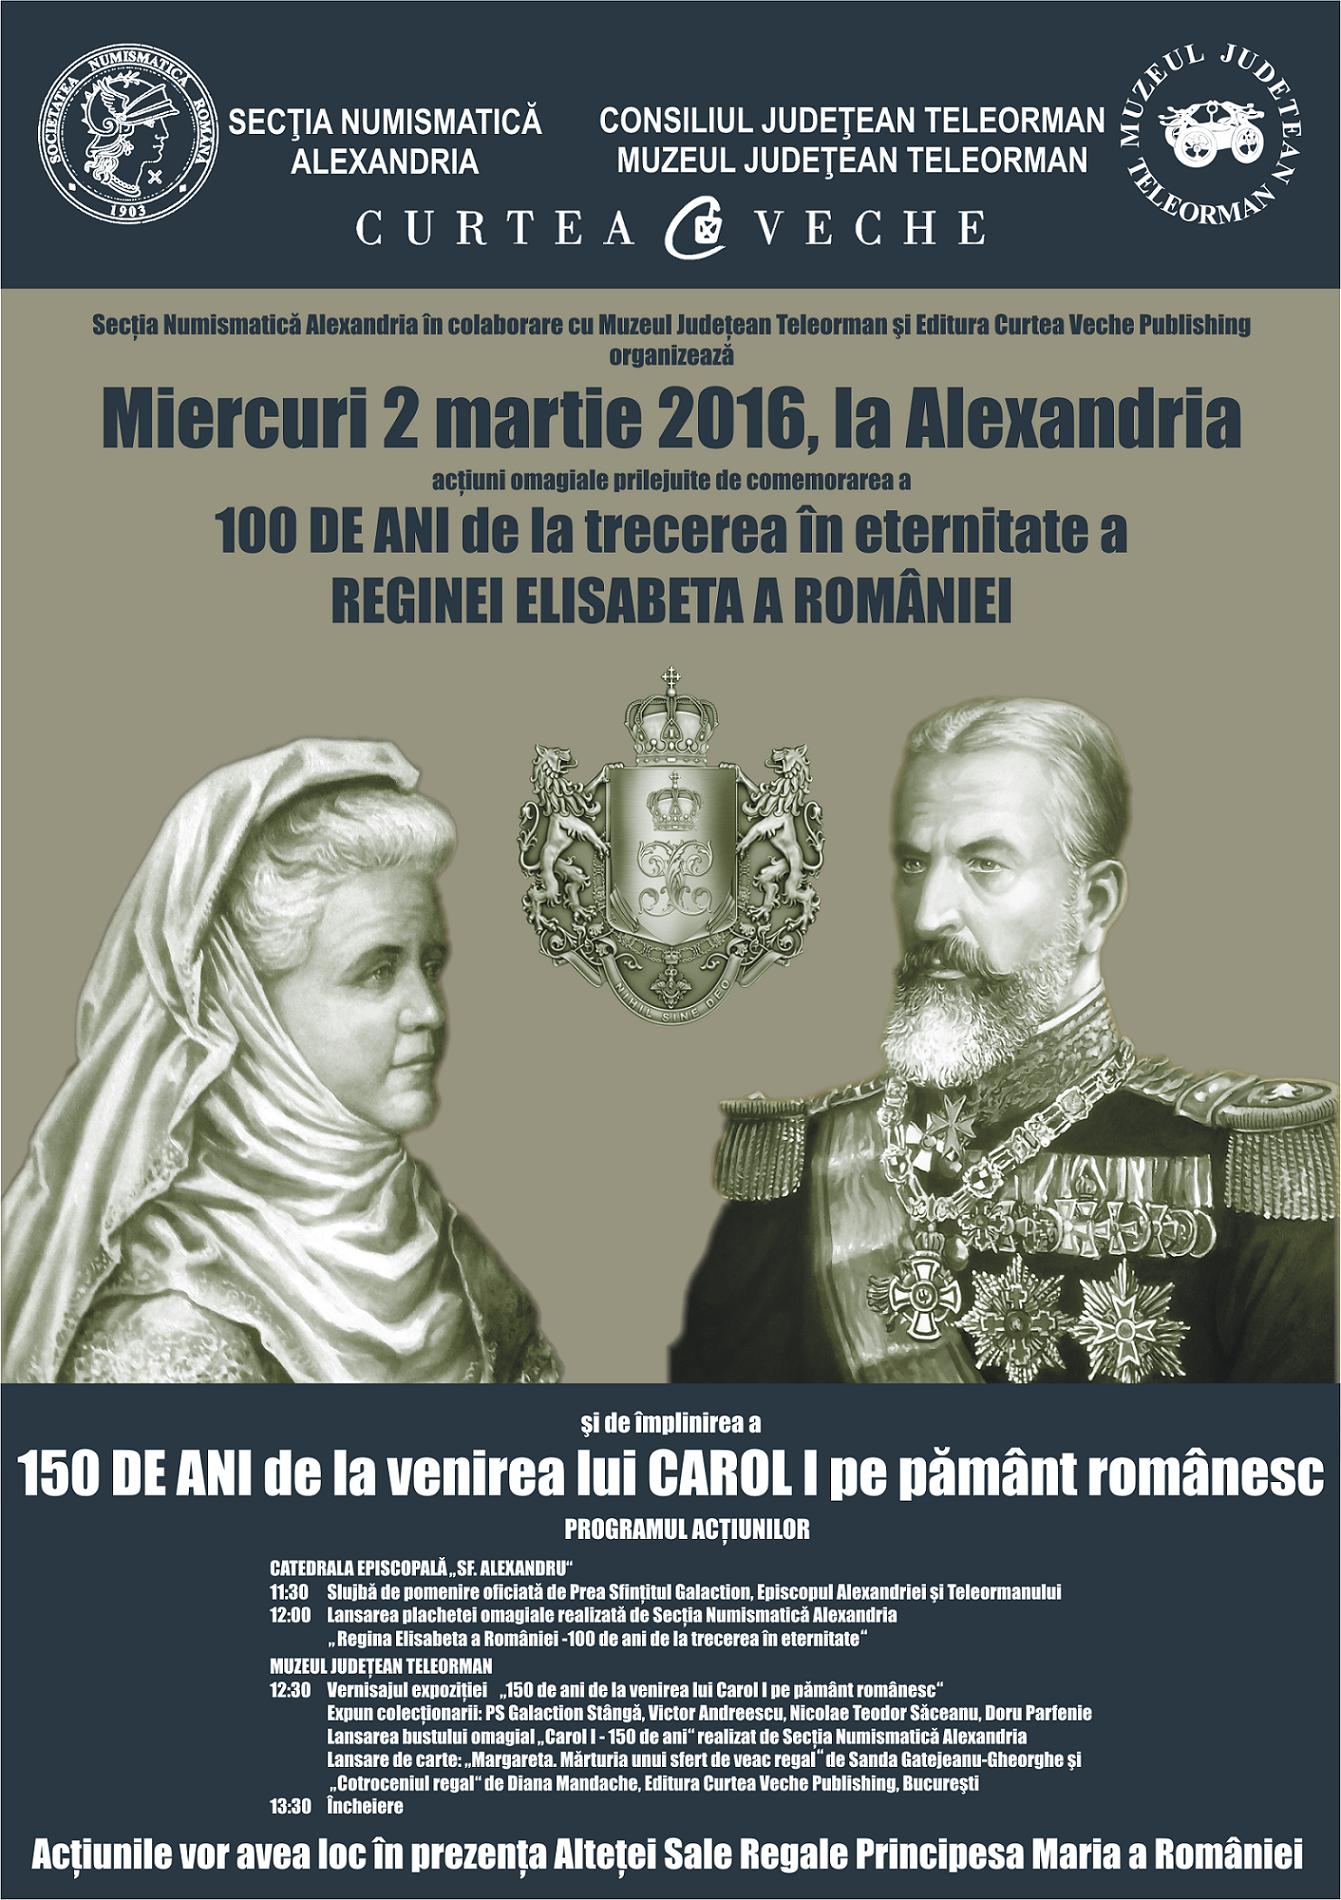 Lansare de carte regală la Alexandria în prezența ASR Principesei Maria